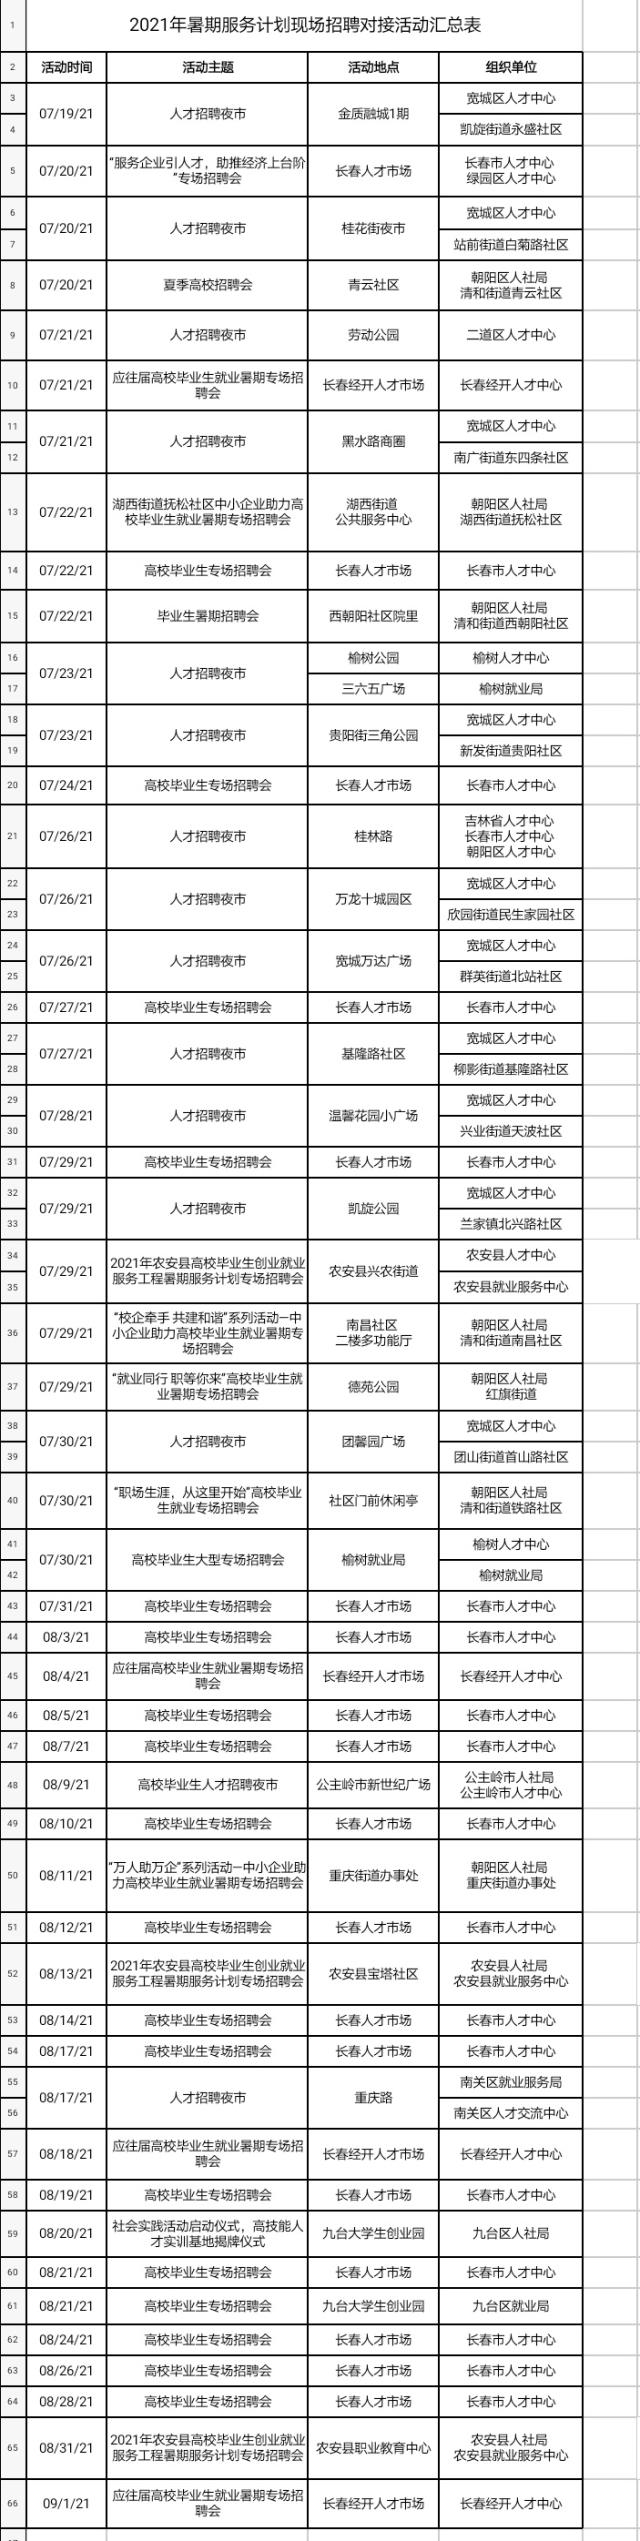 长春市暑期服务计划线上线下招聘活动持续火爆